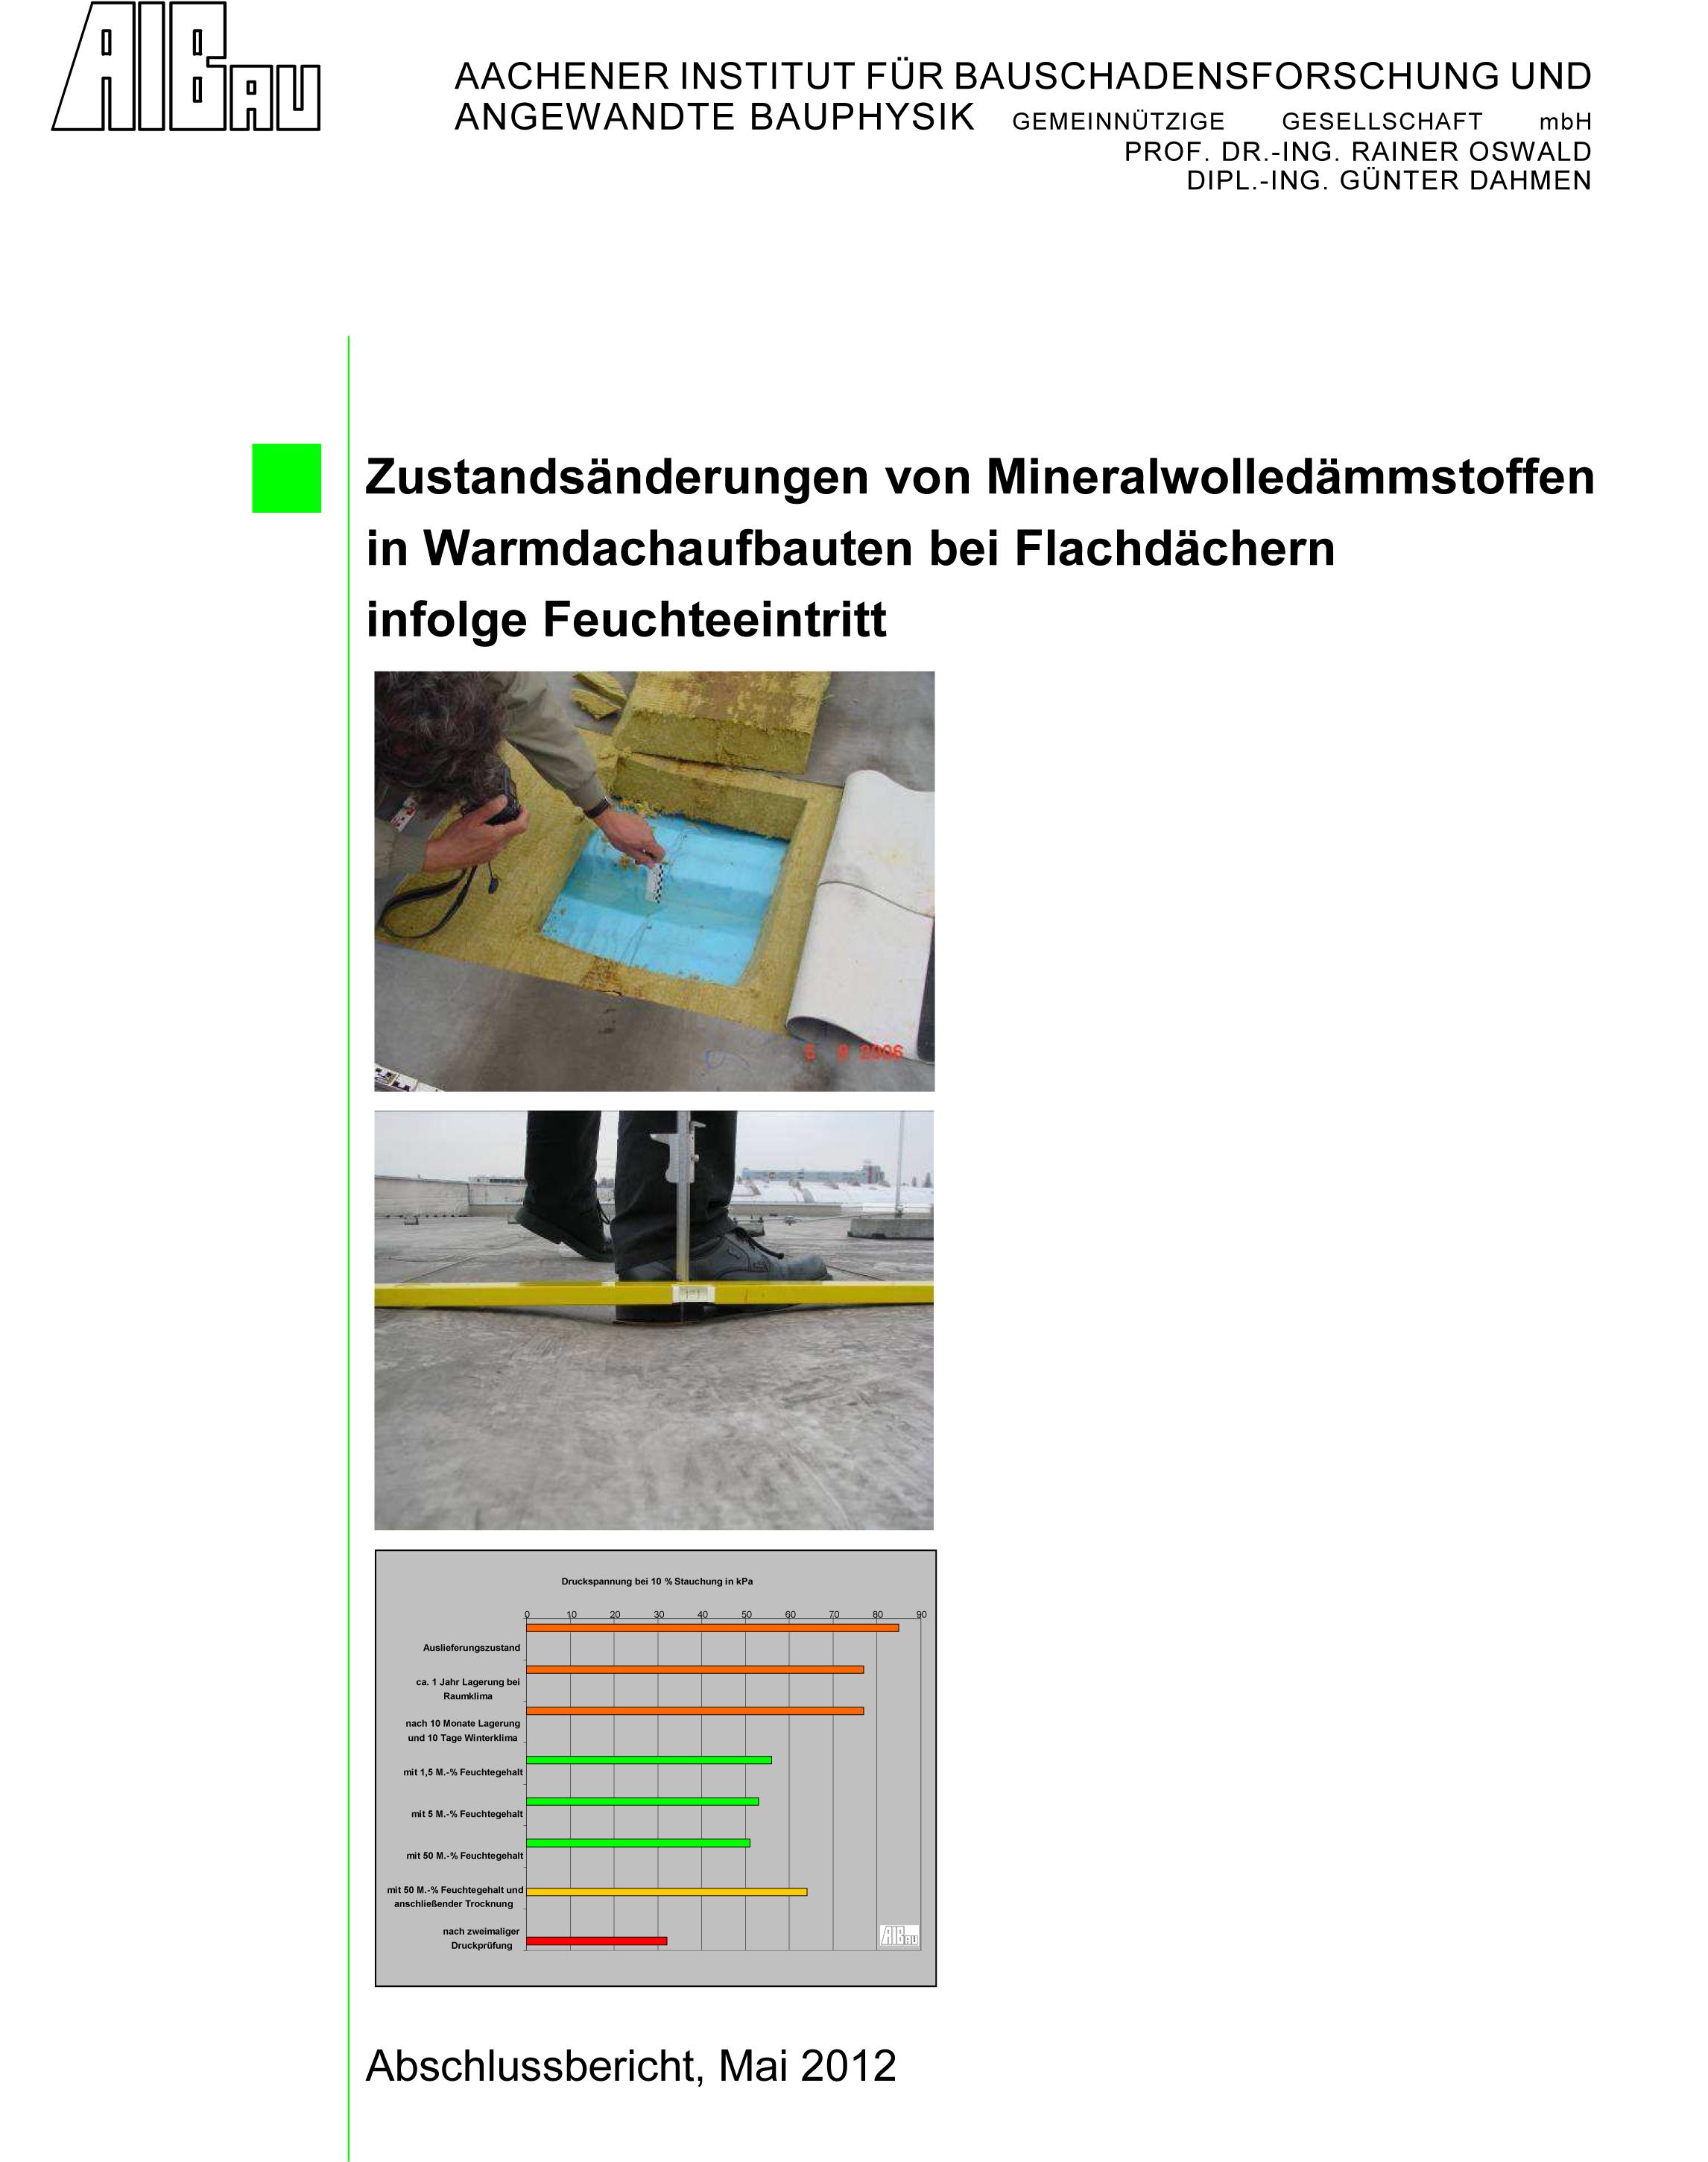 Zustandsänderung von Mineralwolledämmstoffen in Wärmedächern bei Flachdächern infolge Feuchteeintritt